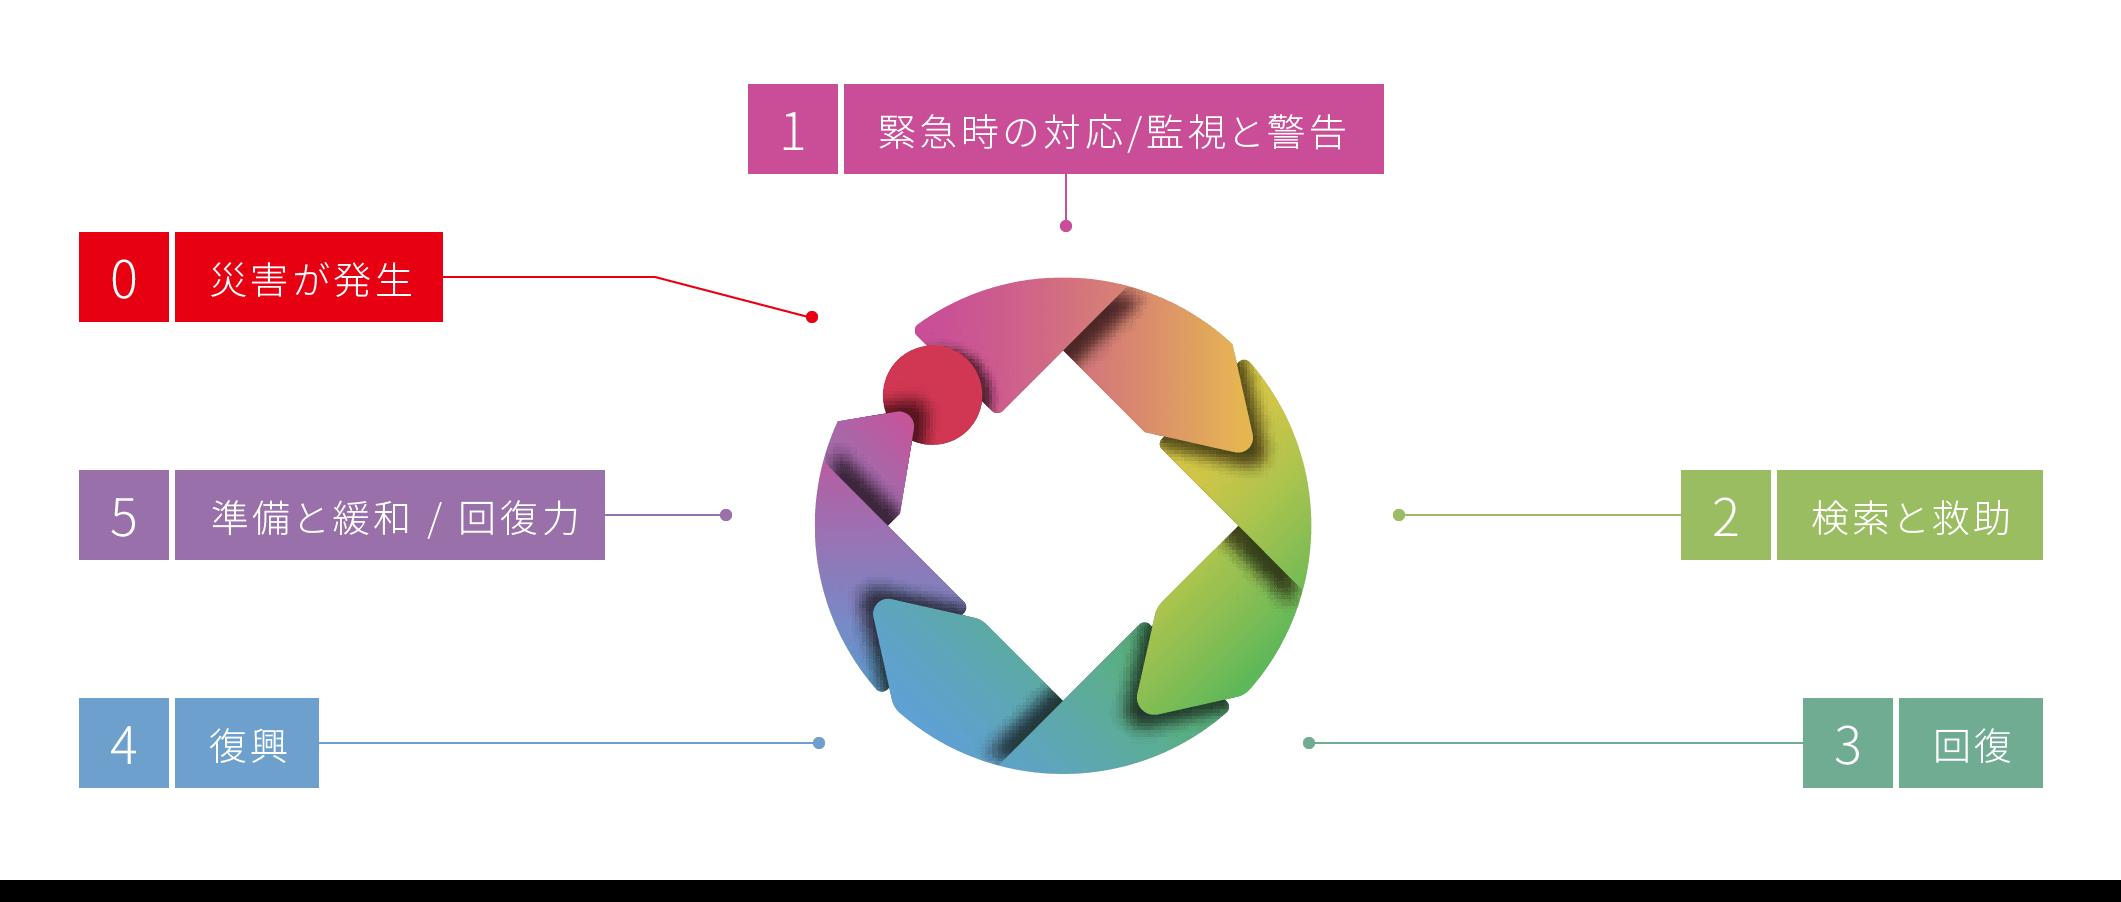 災害科学の新しいロゴに託されたコンセプト「特徴:自然科学、人文科学、人間・社会科学医療、実践科学の4つのフィールドを持つ」